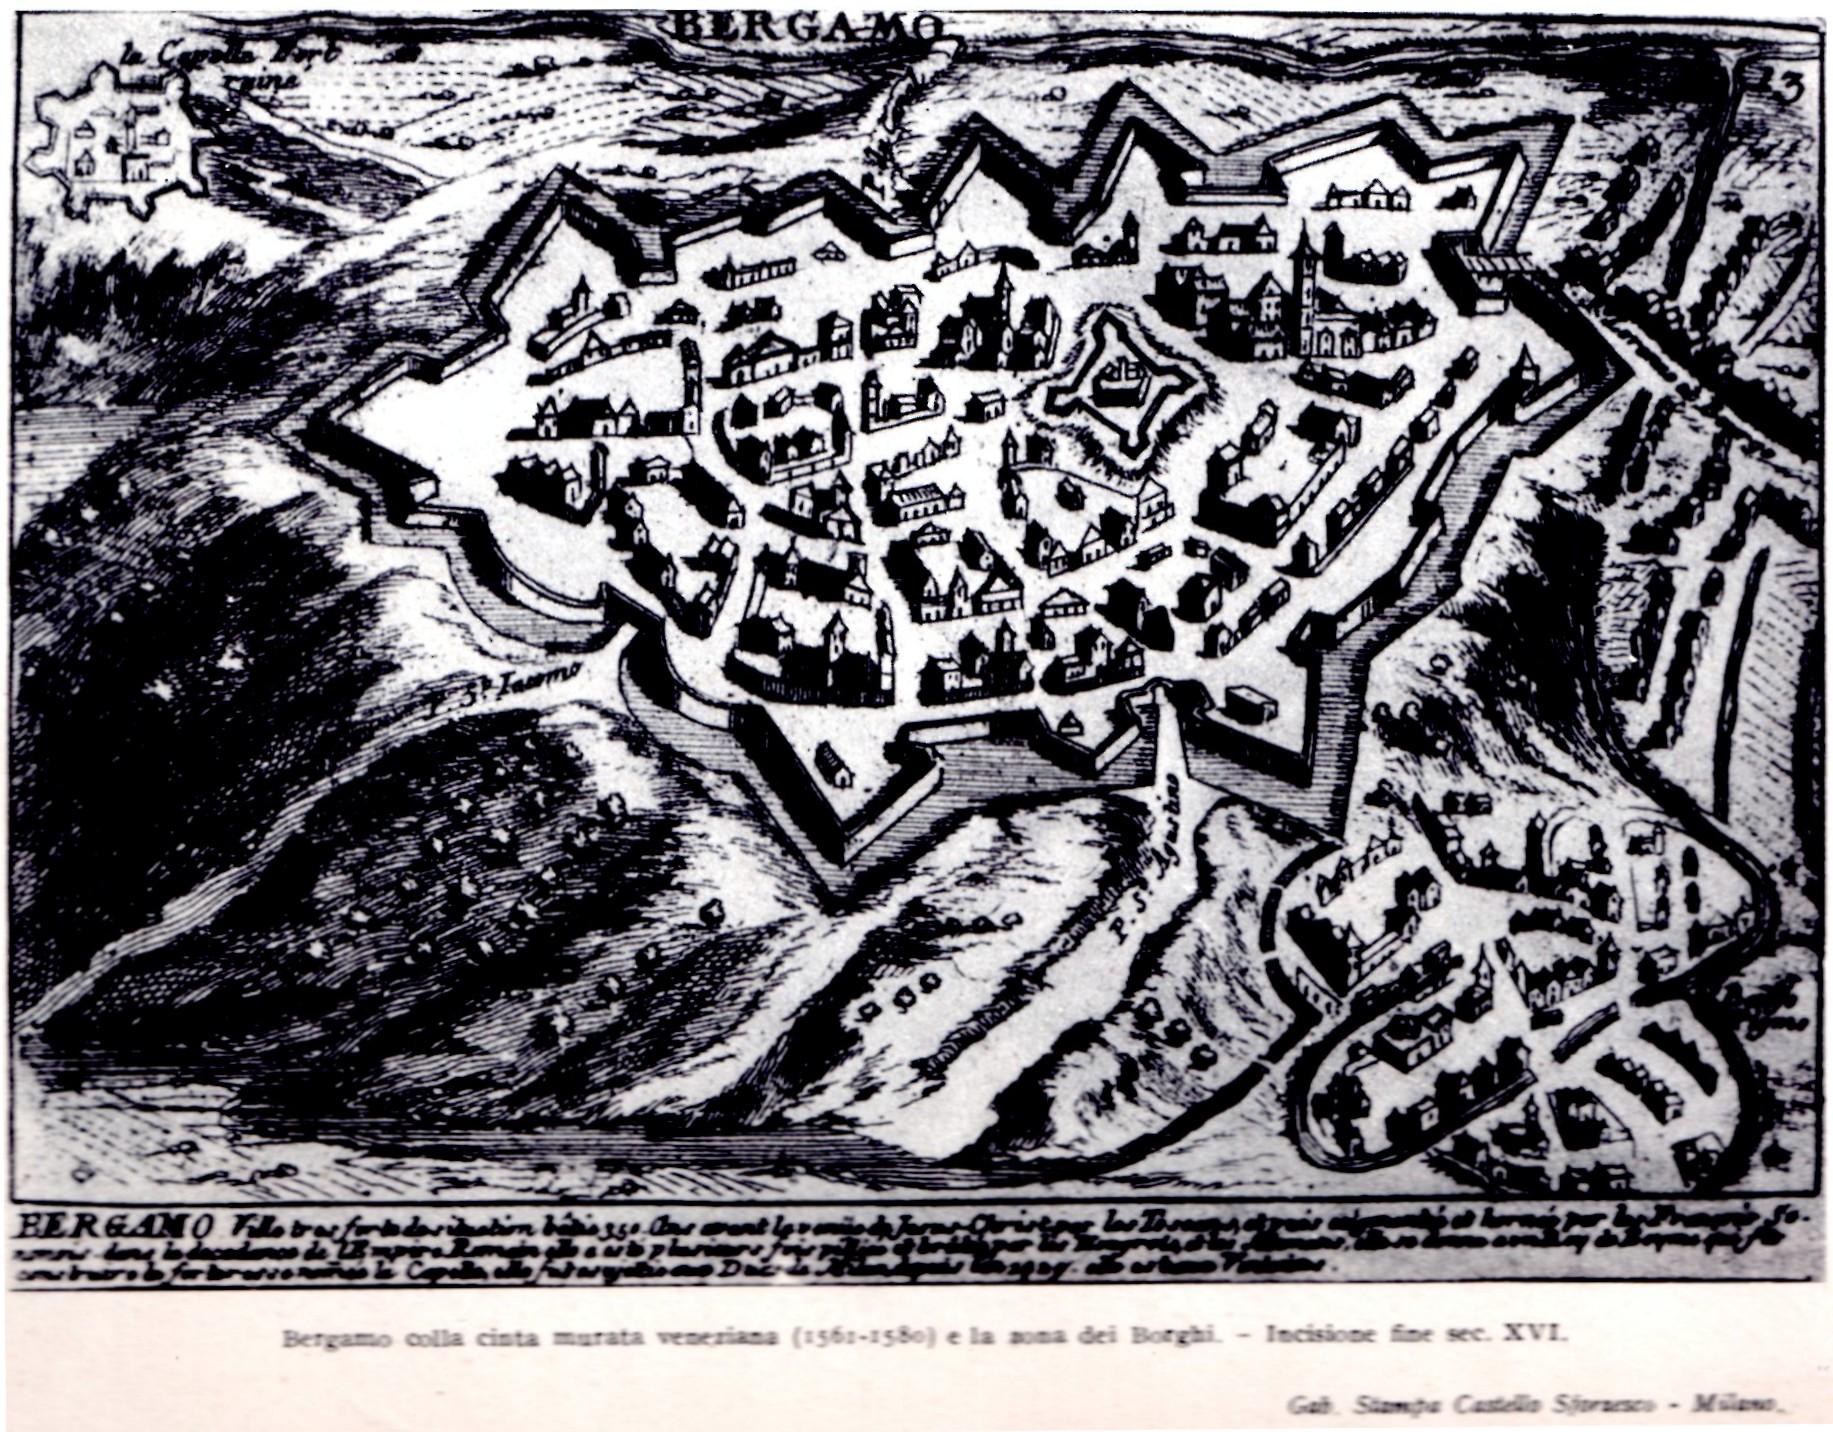 1627 Bg con mura nuove  -stampa - Castello Sforzesco